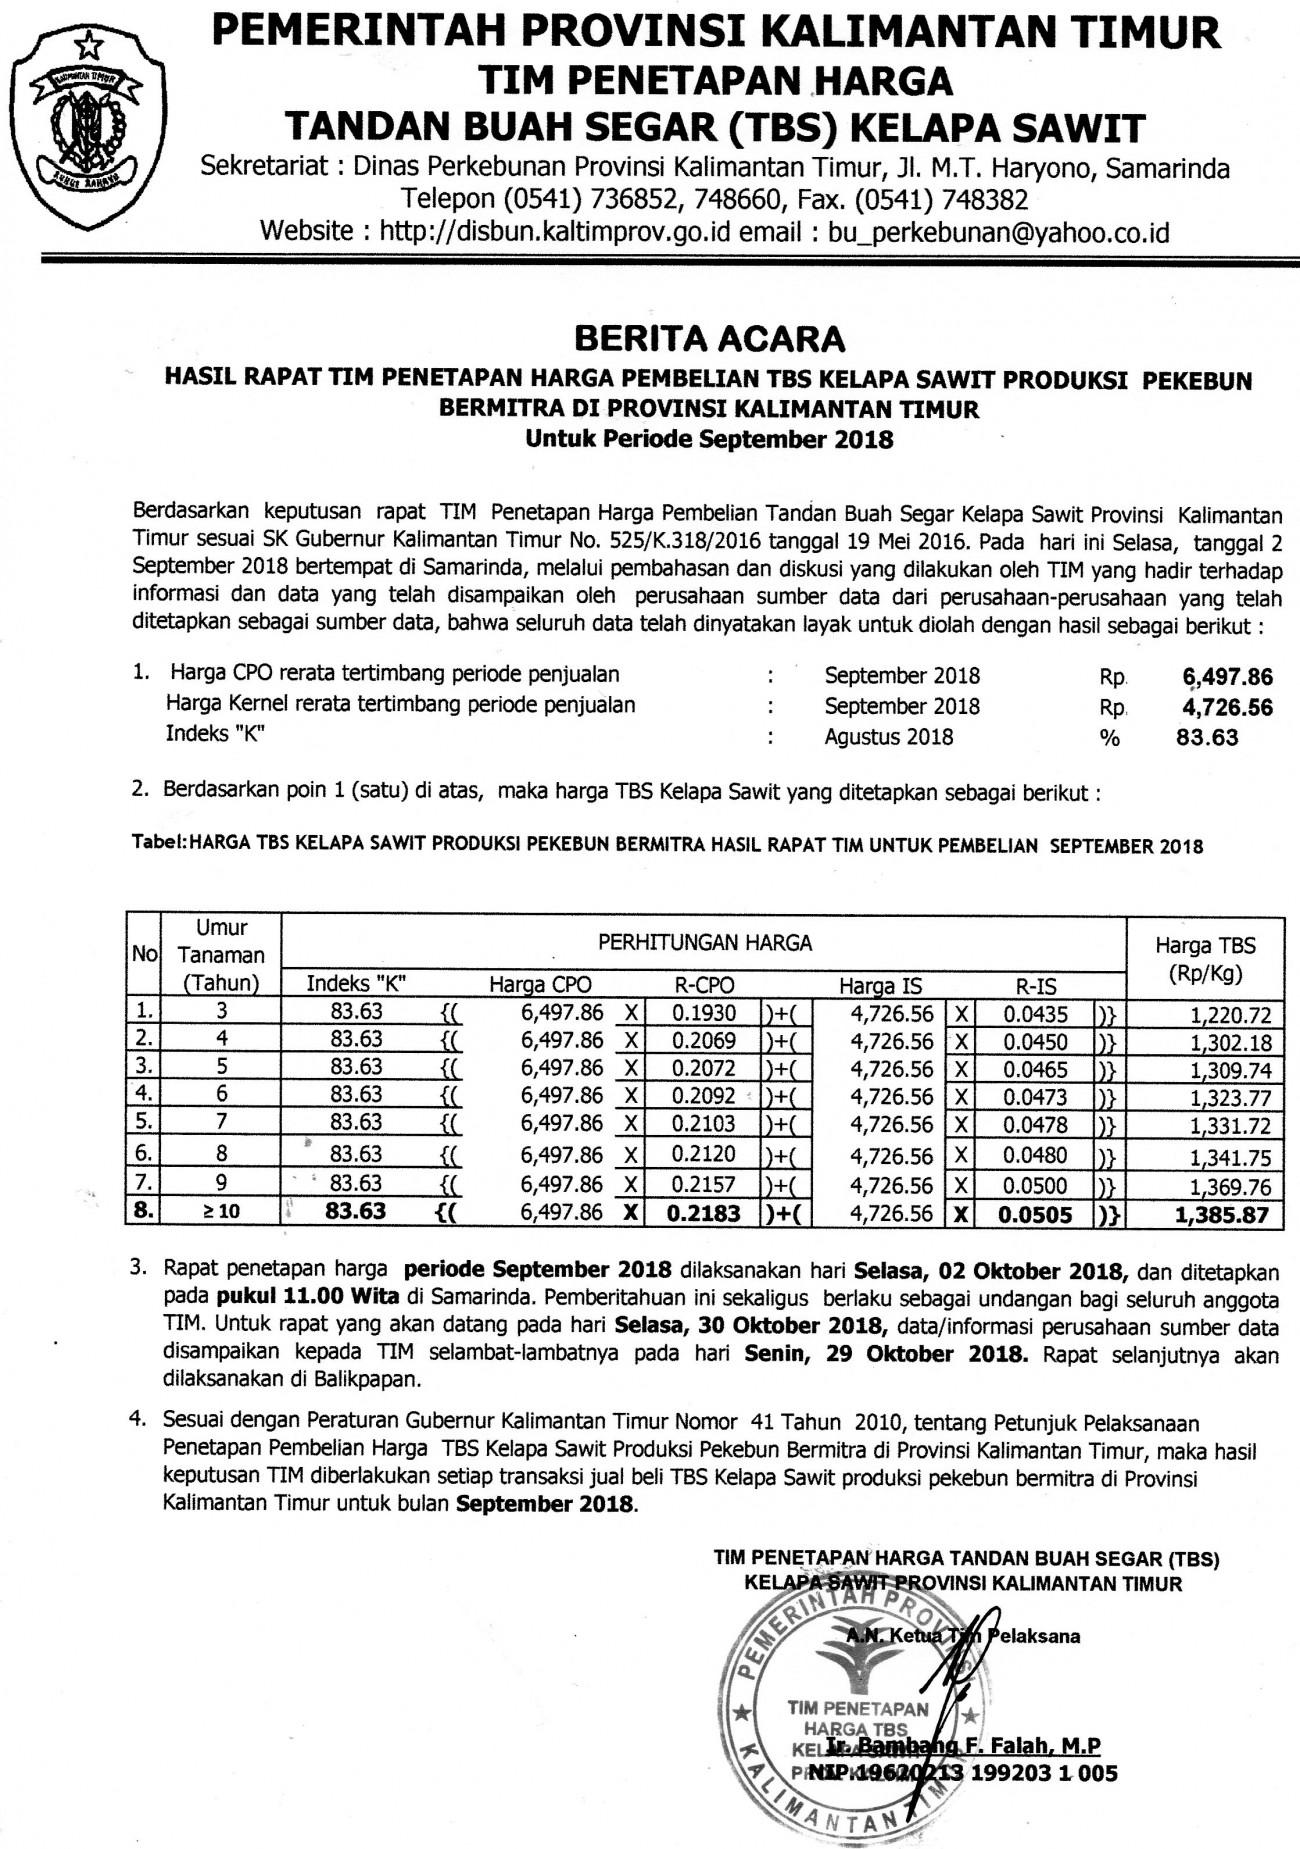 Informasi Harga TBS Kelapa Sawit Bulan September 2018